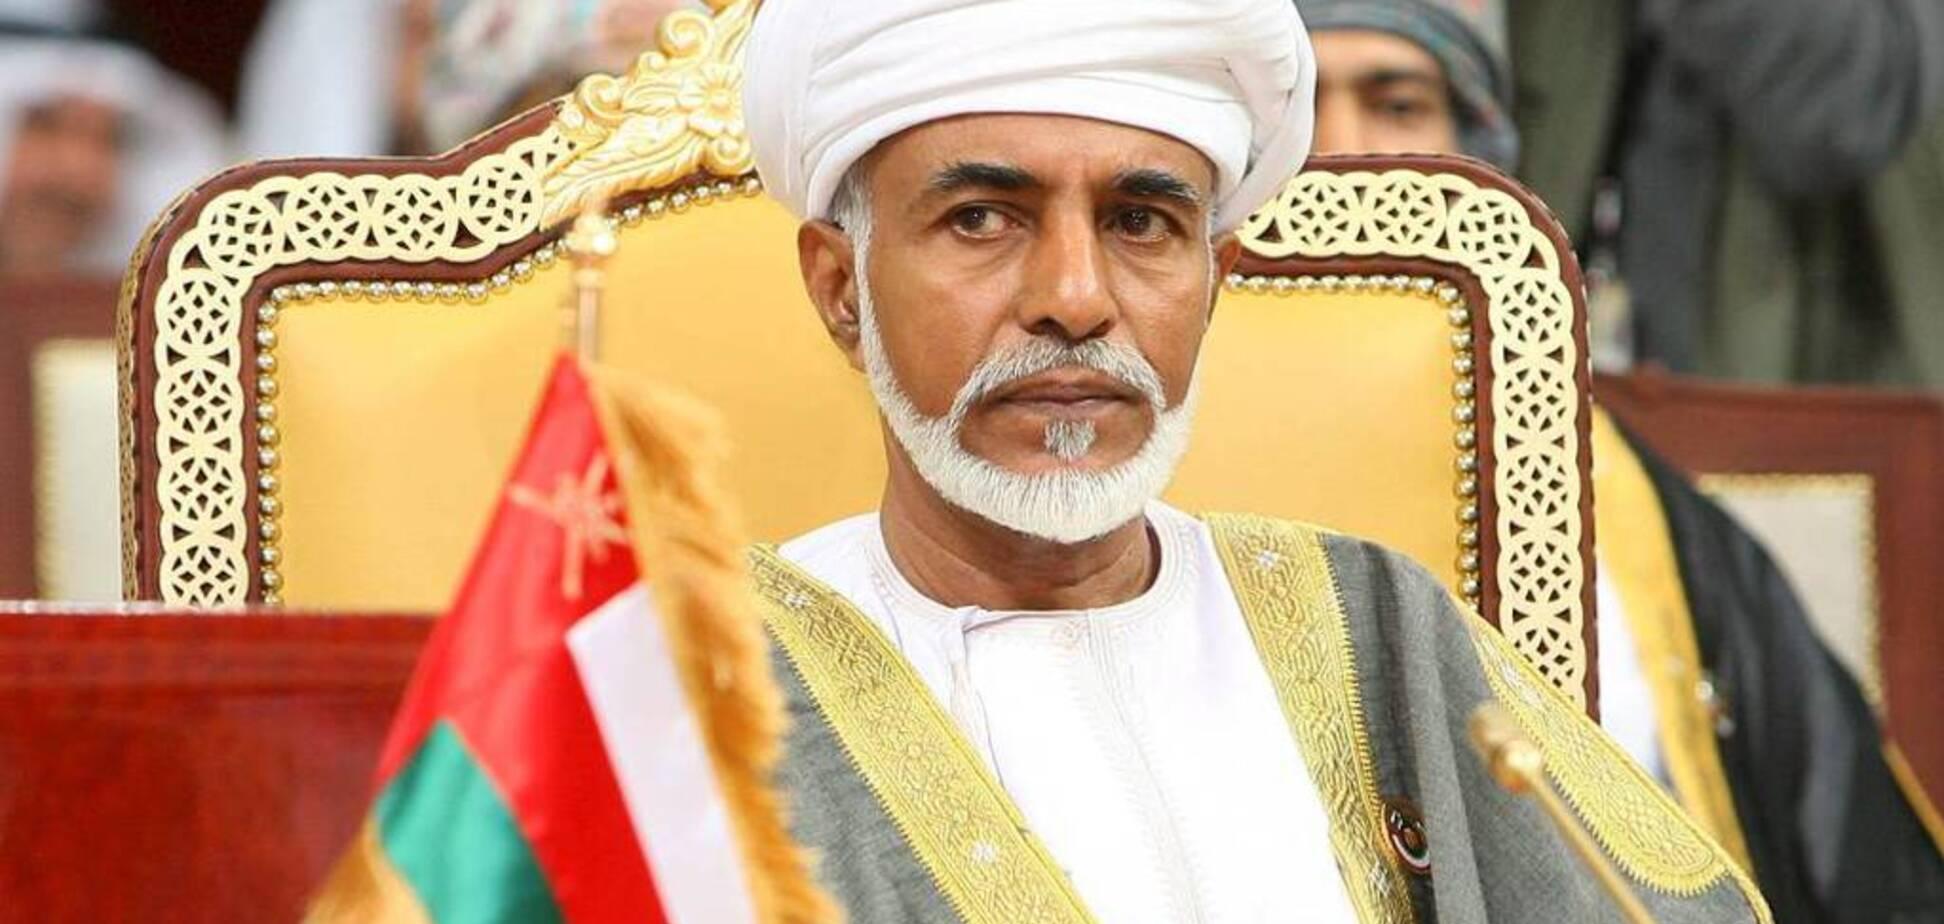 Помер султан Оману, який правив 50 років: оголошений наступник